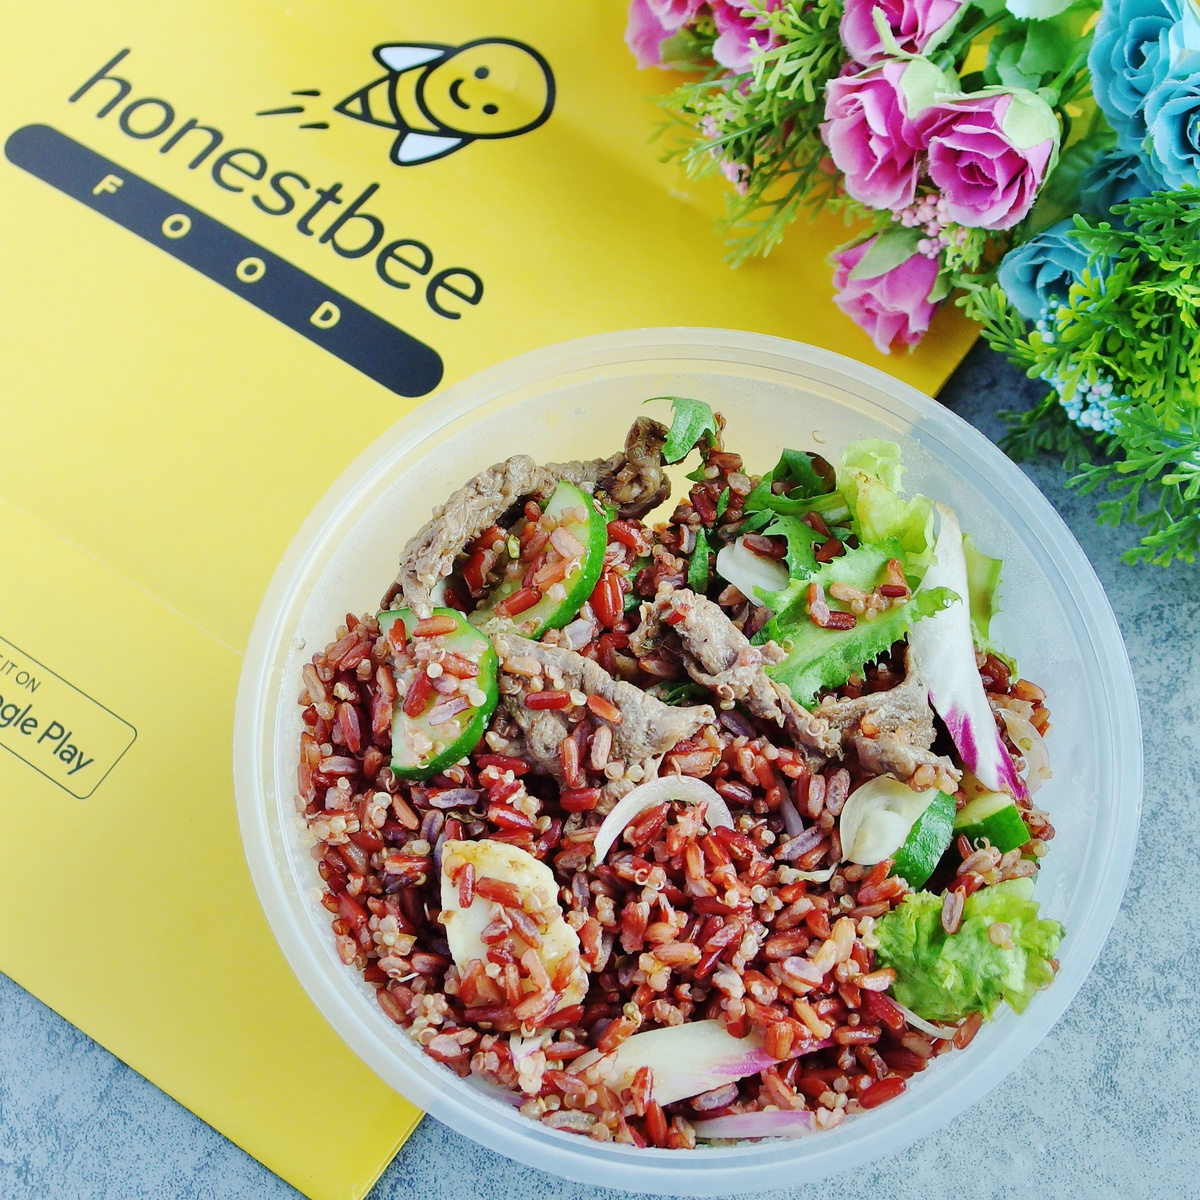 honestbee Food Delivery - Sumo Salad